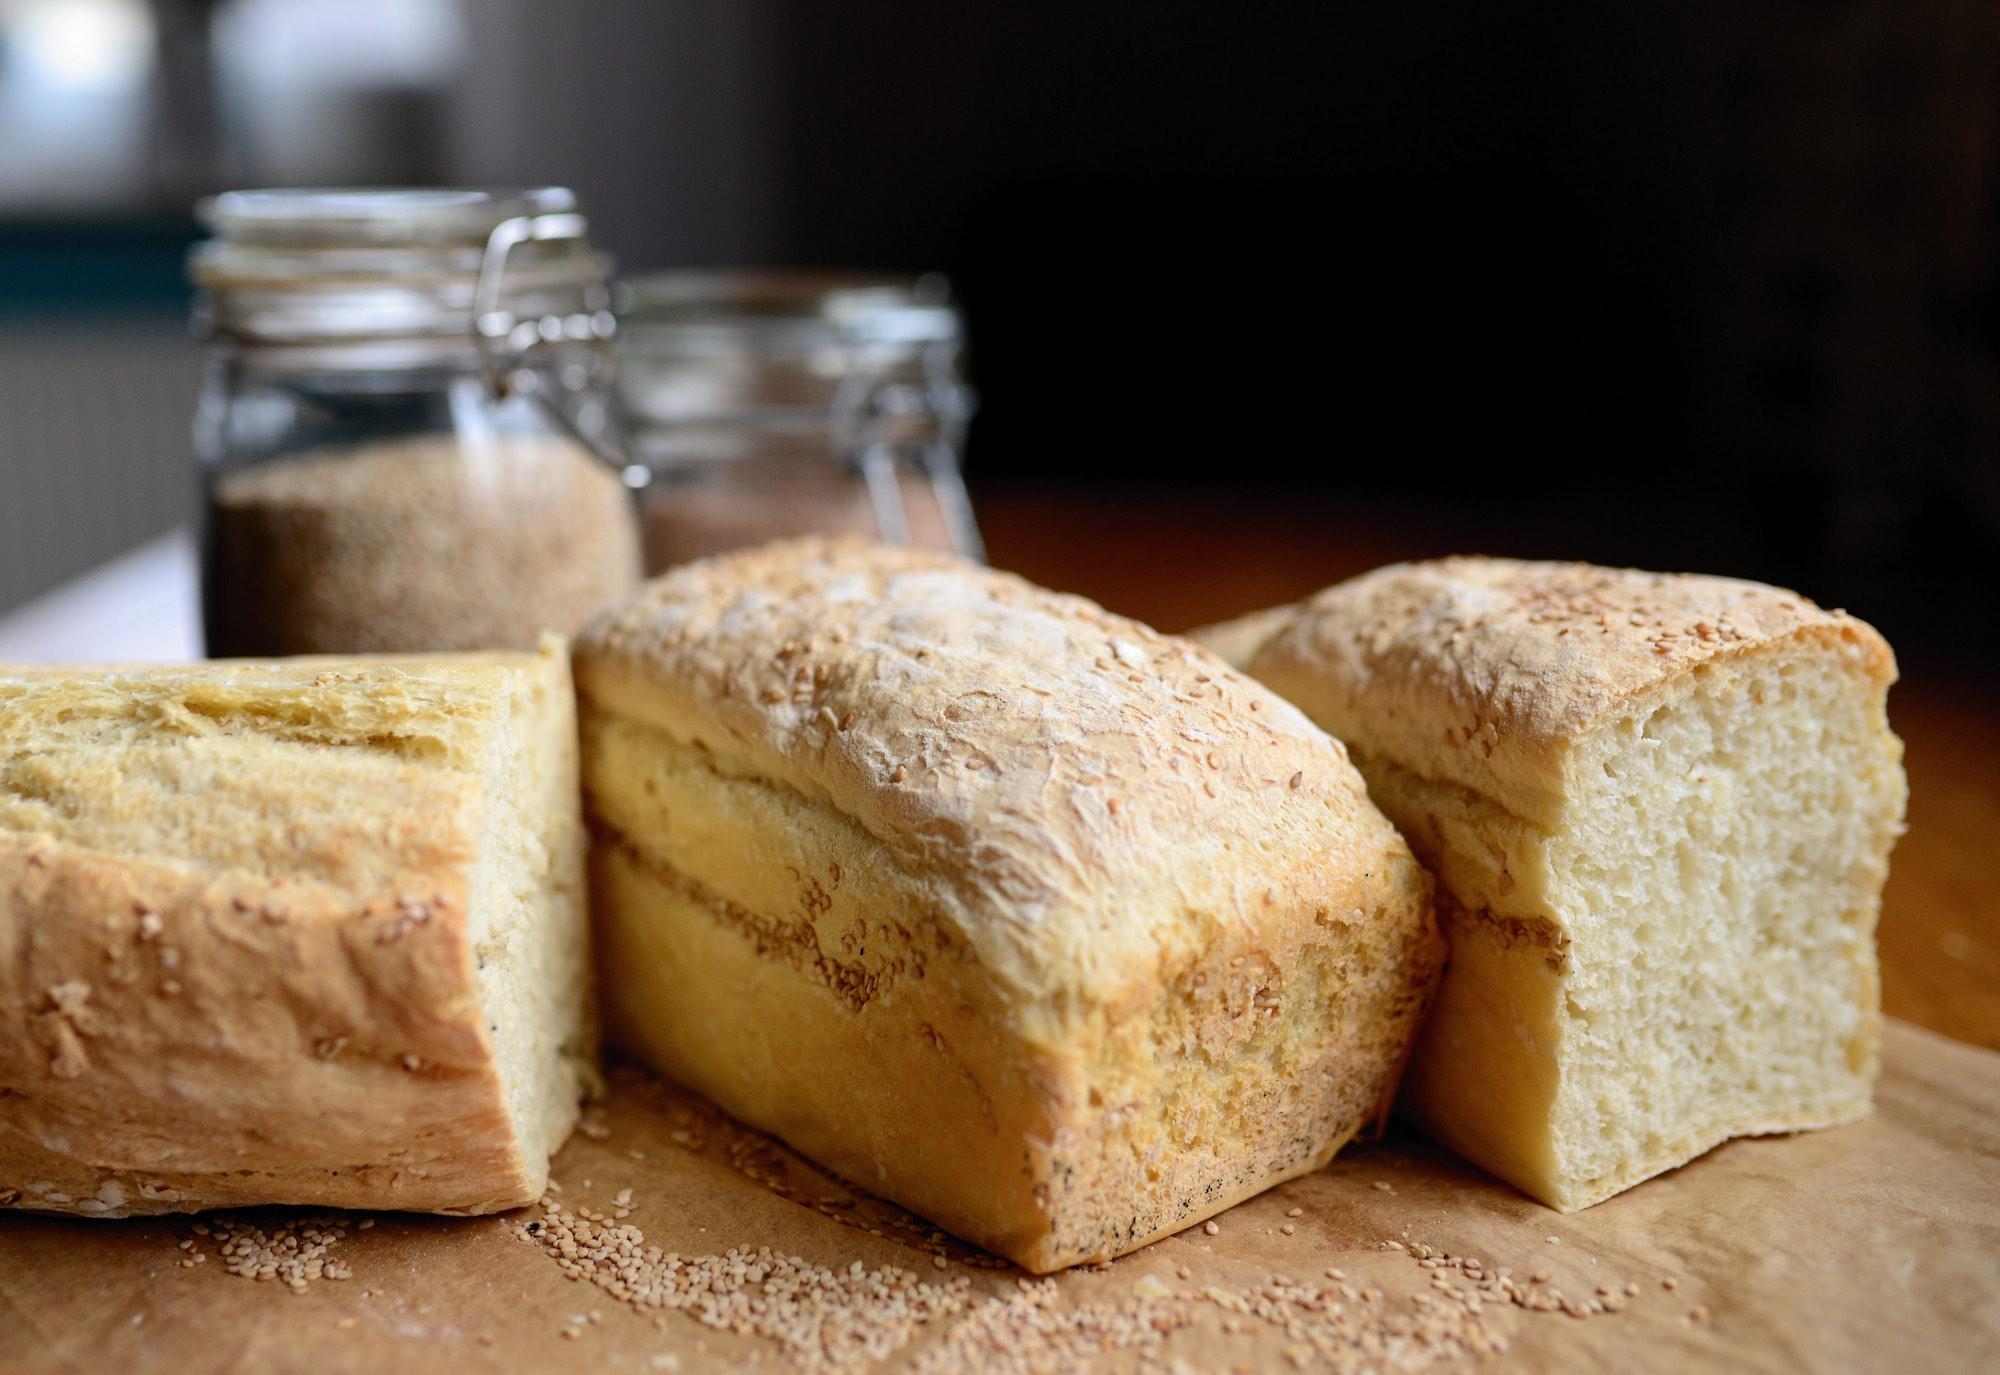 Why Should Men Buy A Bread Maker? - ELMENS